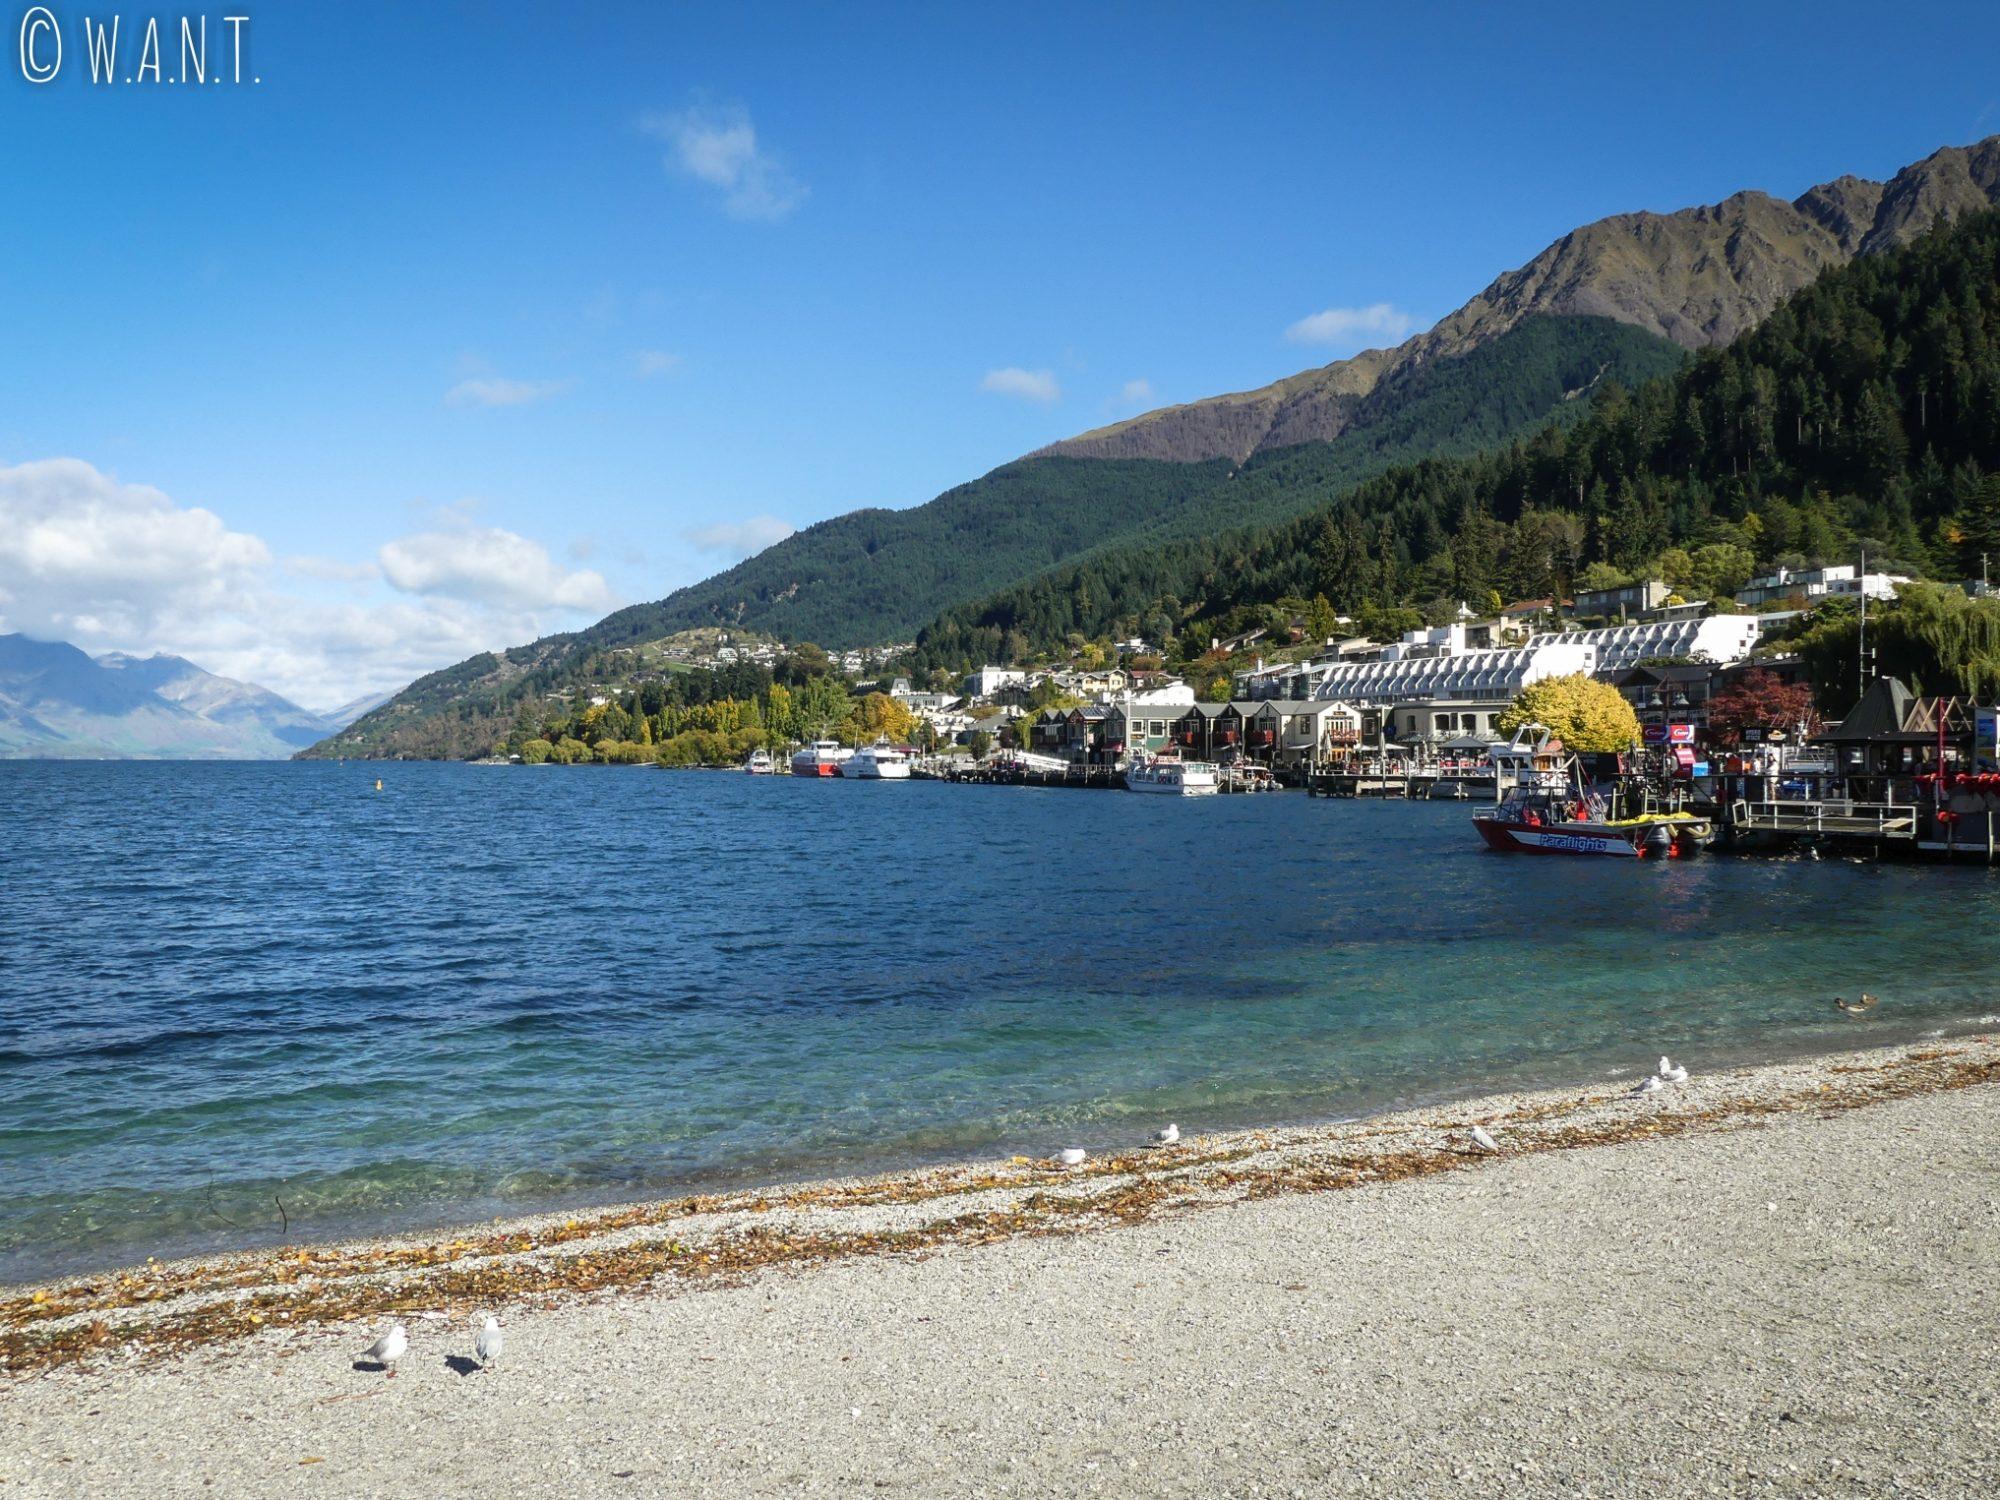 Journée ensoleillée au bord du lac Wakatipu à Queenstown en Nouvelle-Zélande